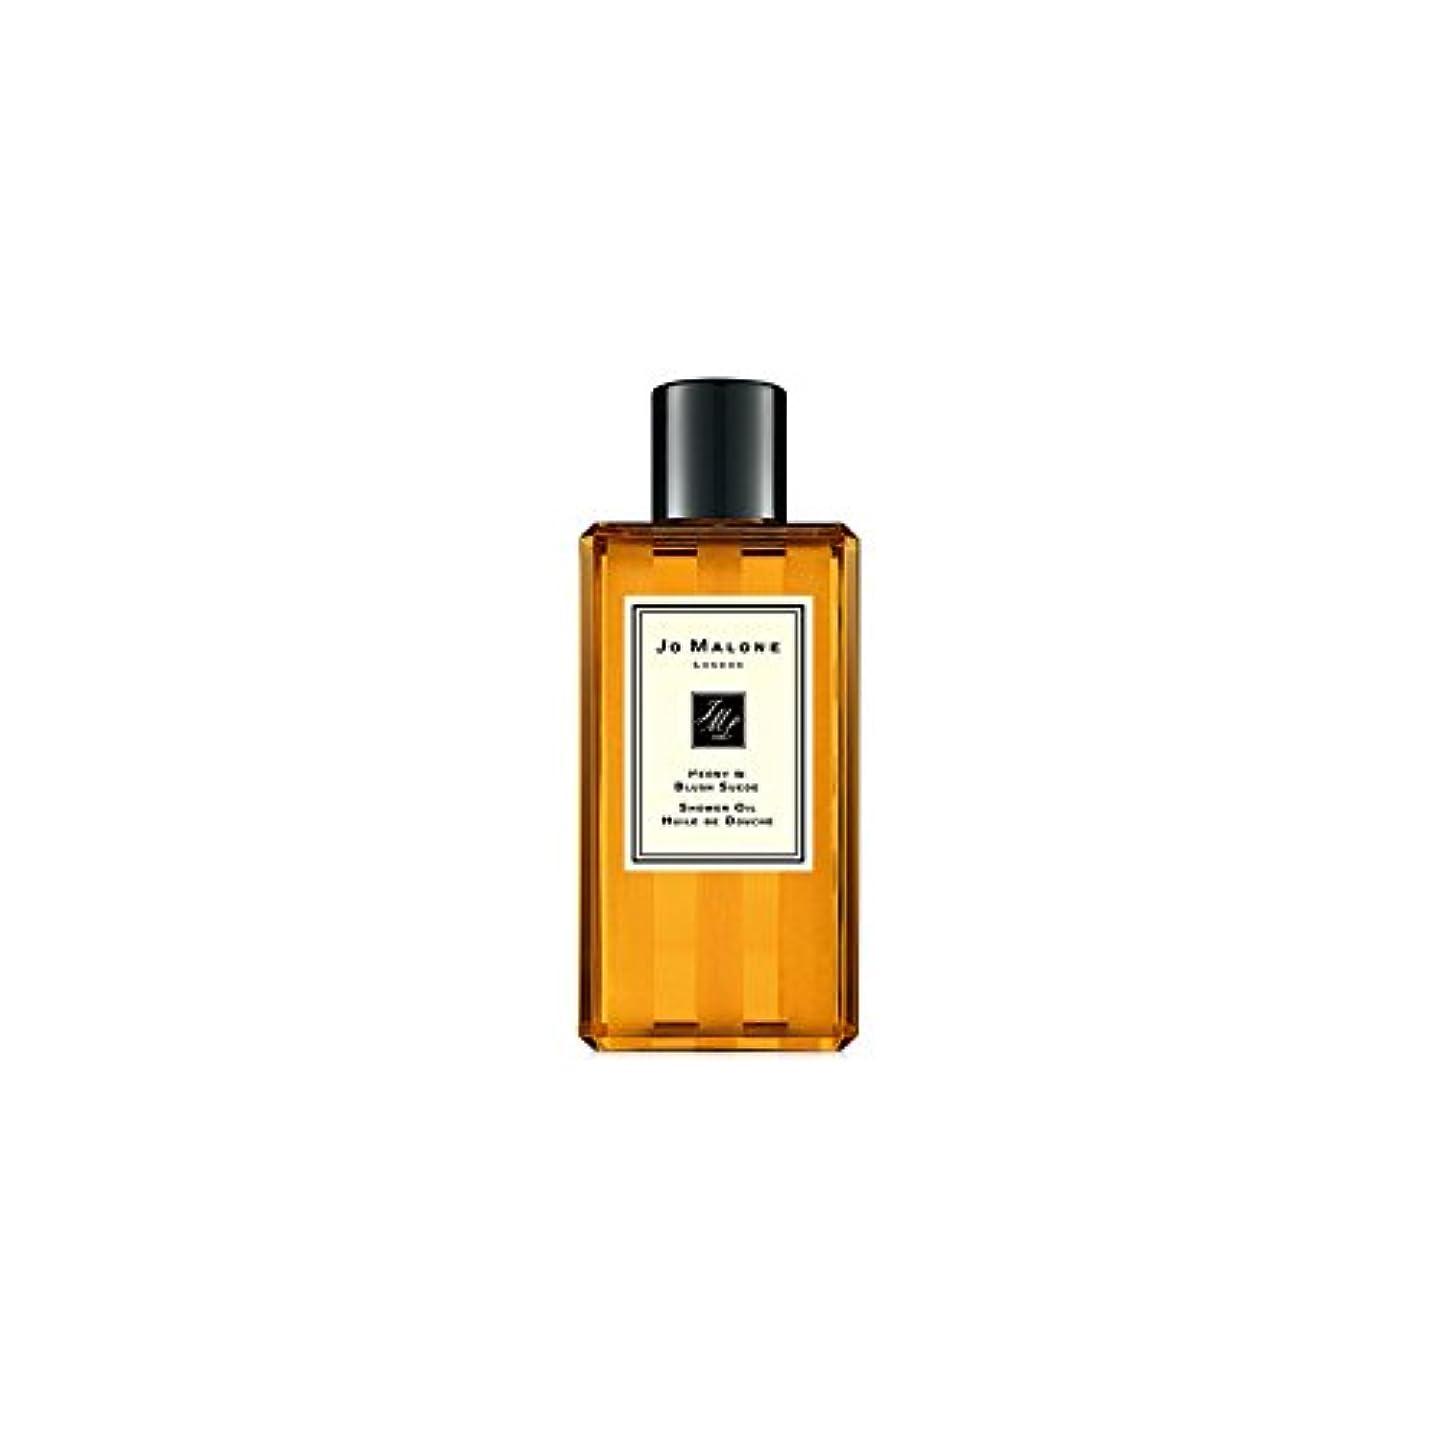 敬意を表する仕えるどちらもJo Malone Peony & Blush Suede Shower Oil - 250ml (Pack of 2) - ジョーマローン牡丹&スエードシャワーオイル赤面 - 250ミリリットル (x2) [並行輸入品]